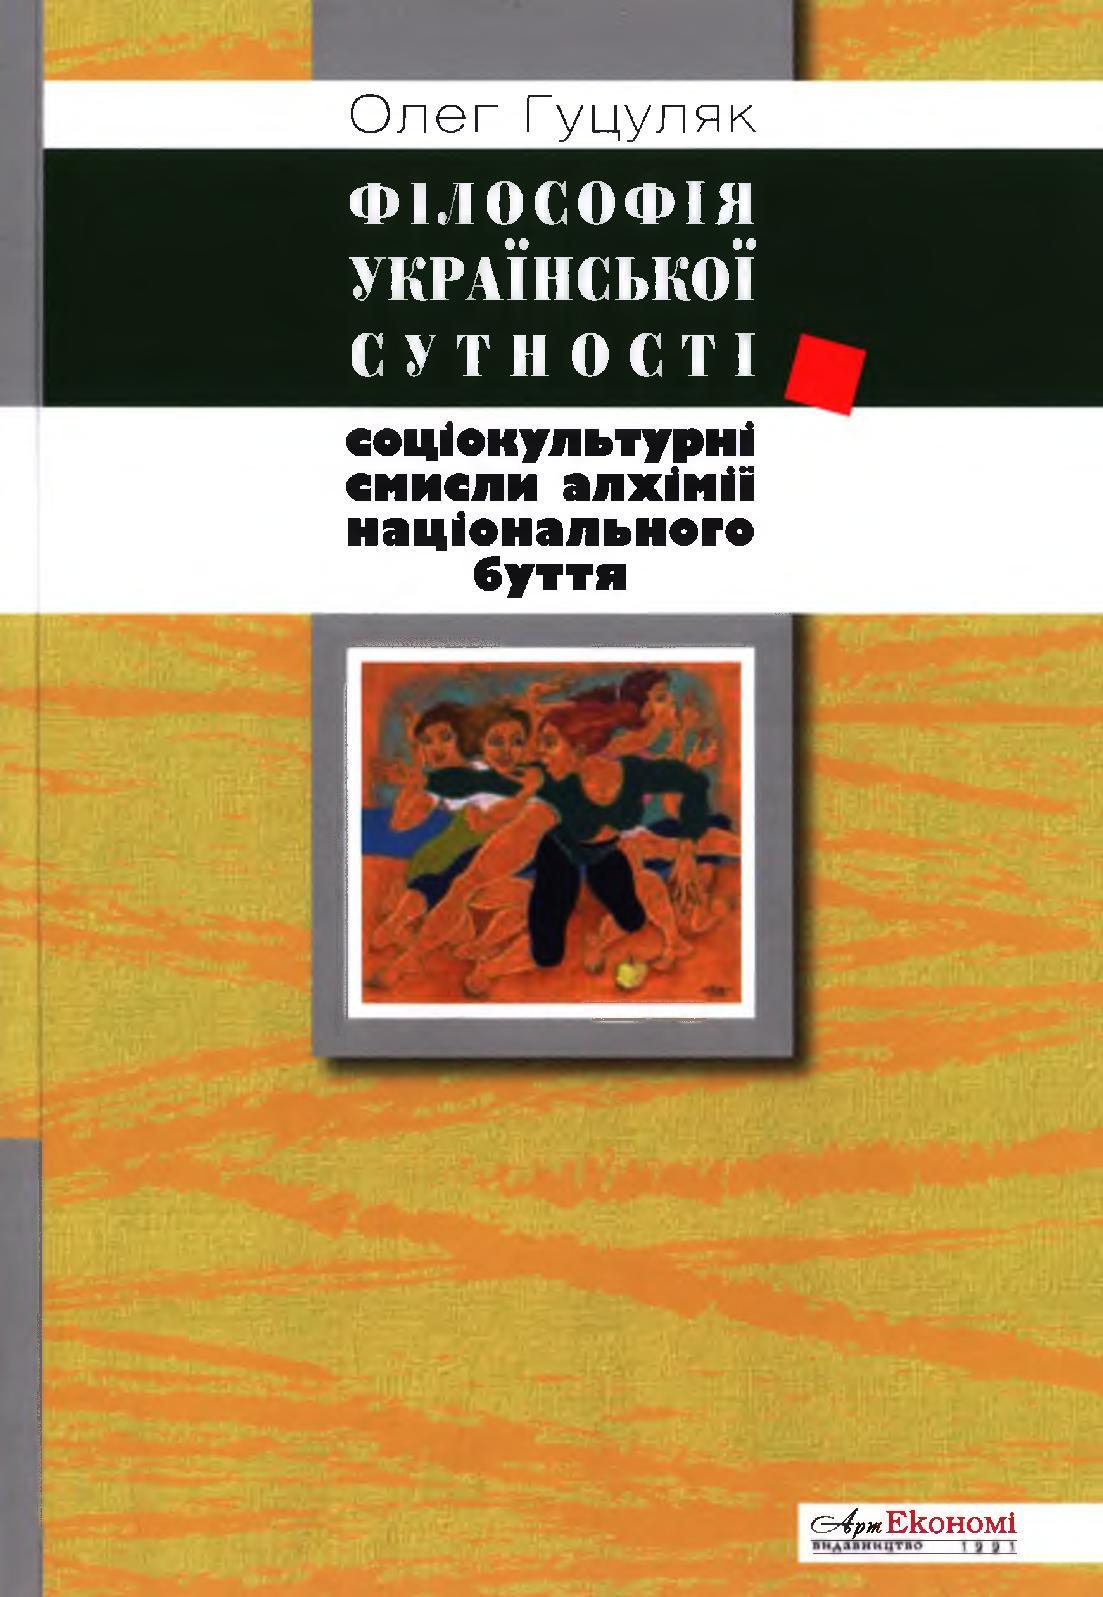 Calaméo - Олег Гуцуляк. Філософія української сутності 1edbaa8a2108b